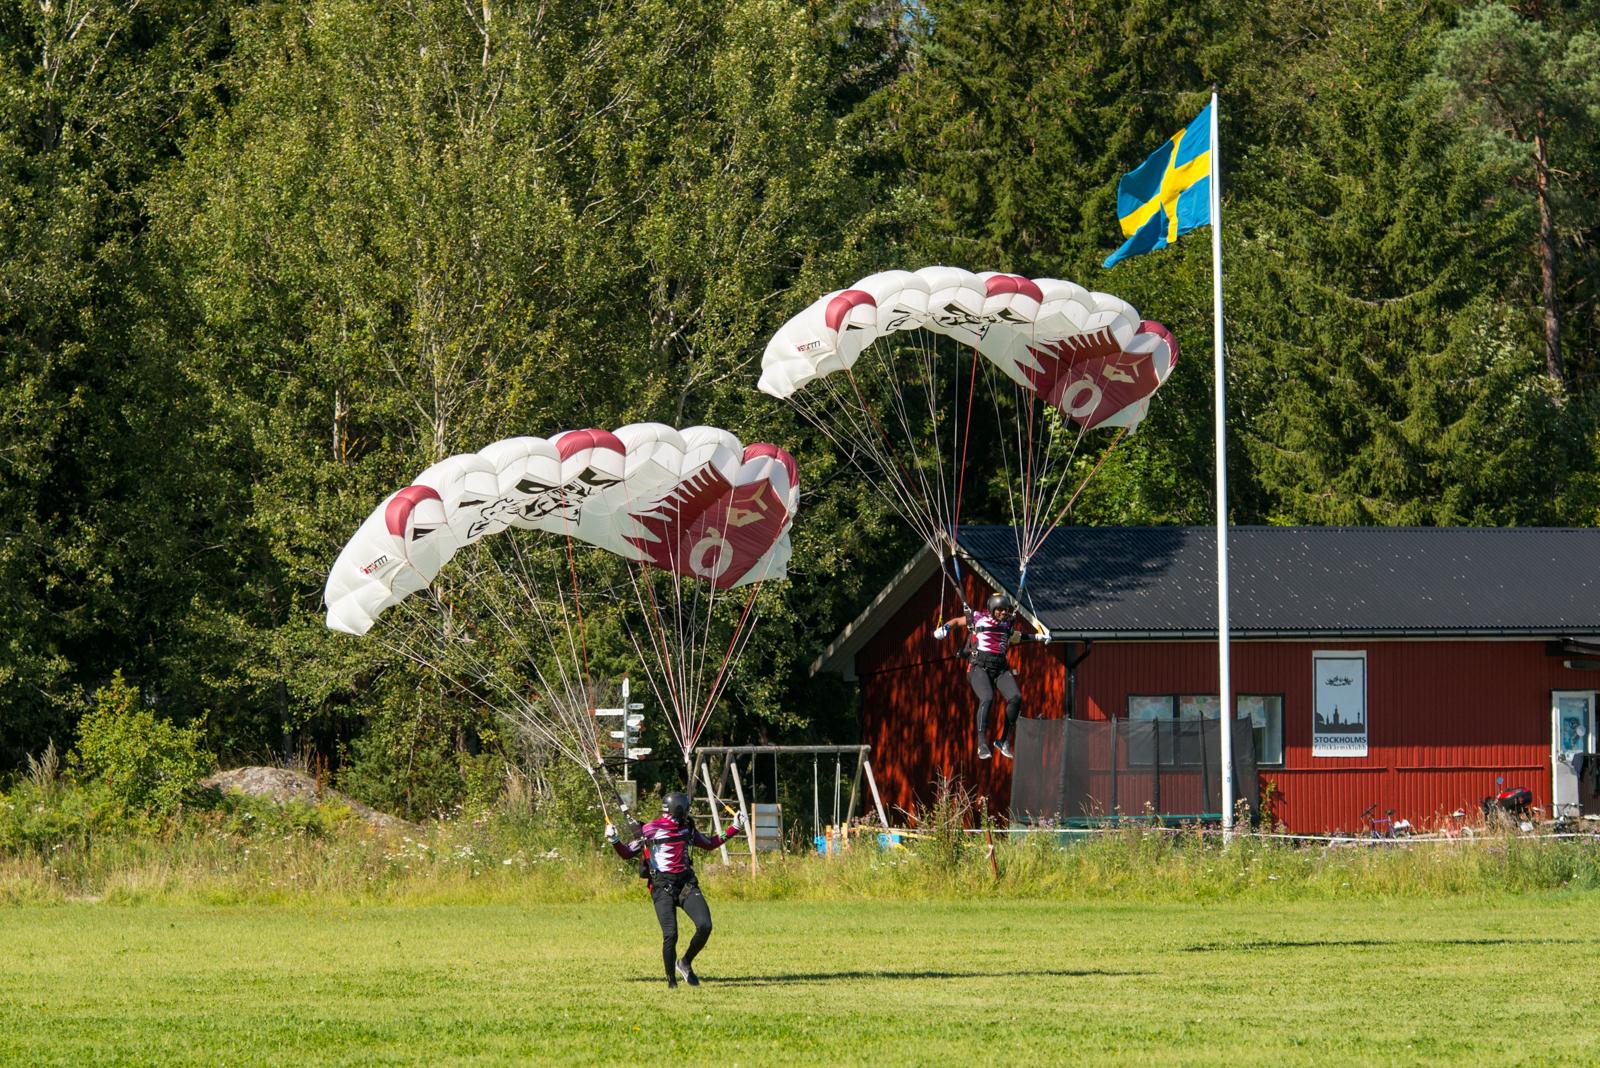 The Qatar National Parachute Team